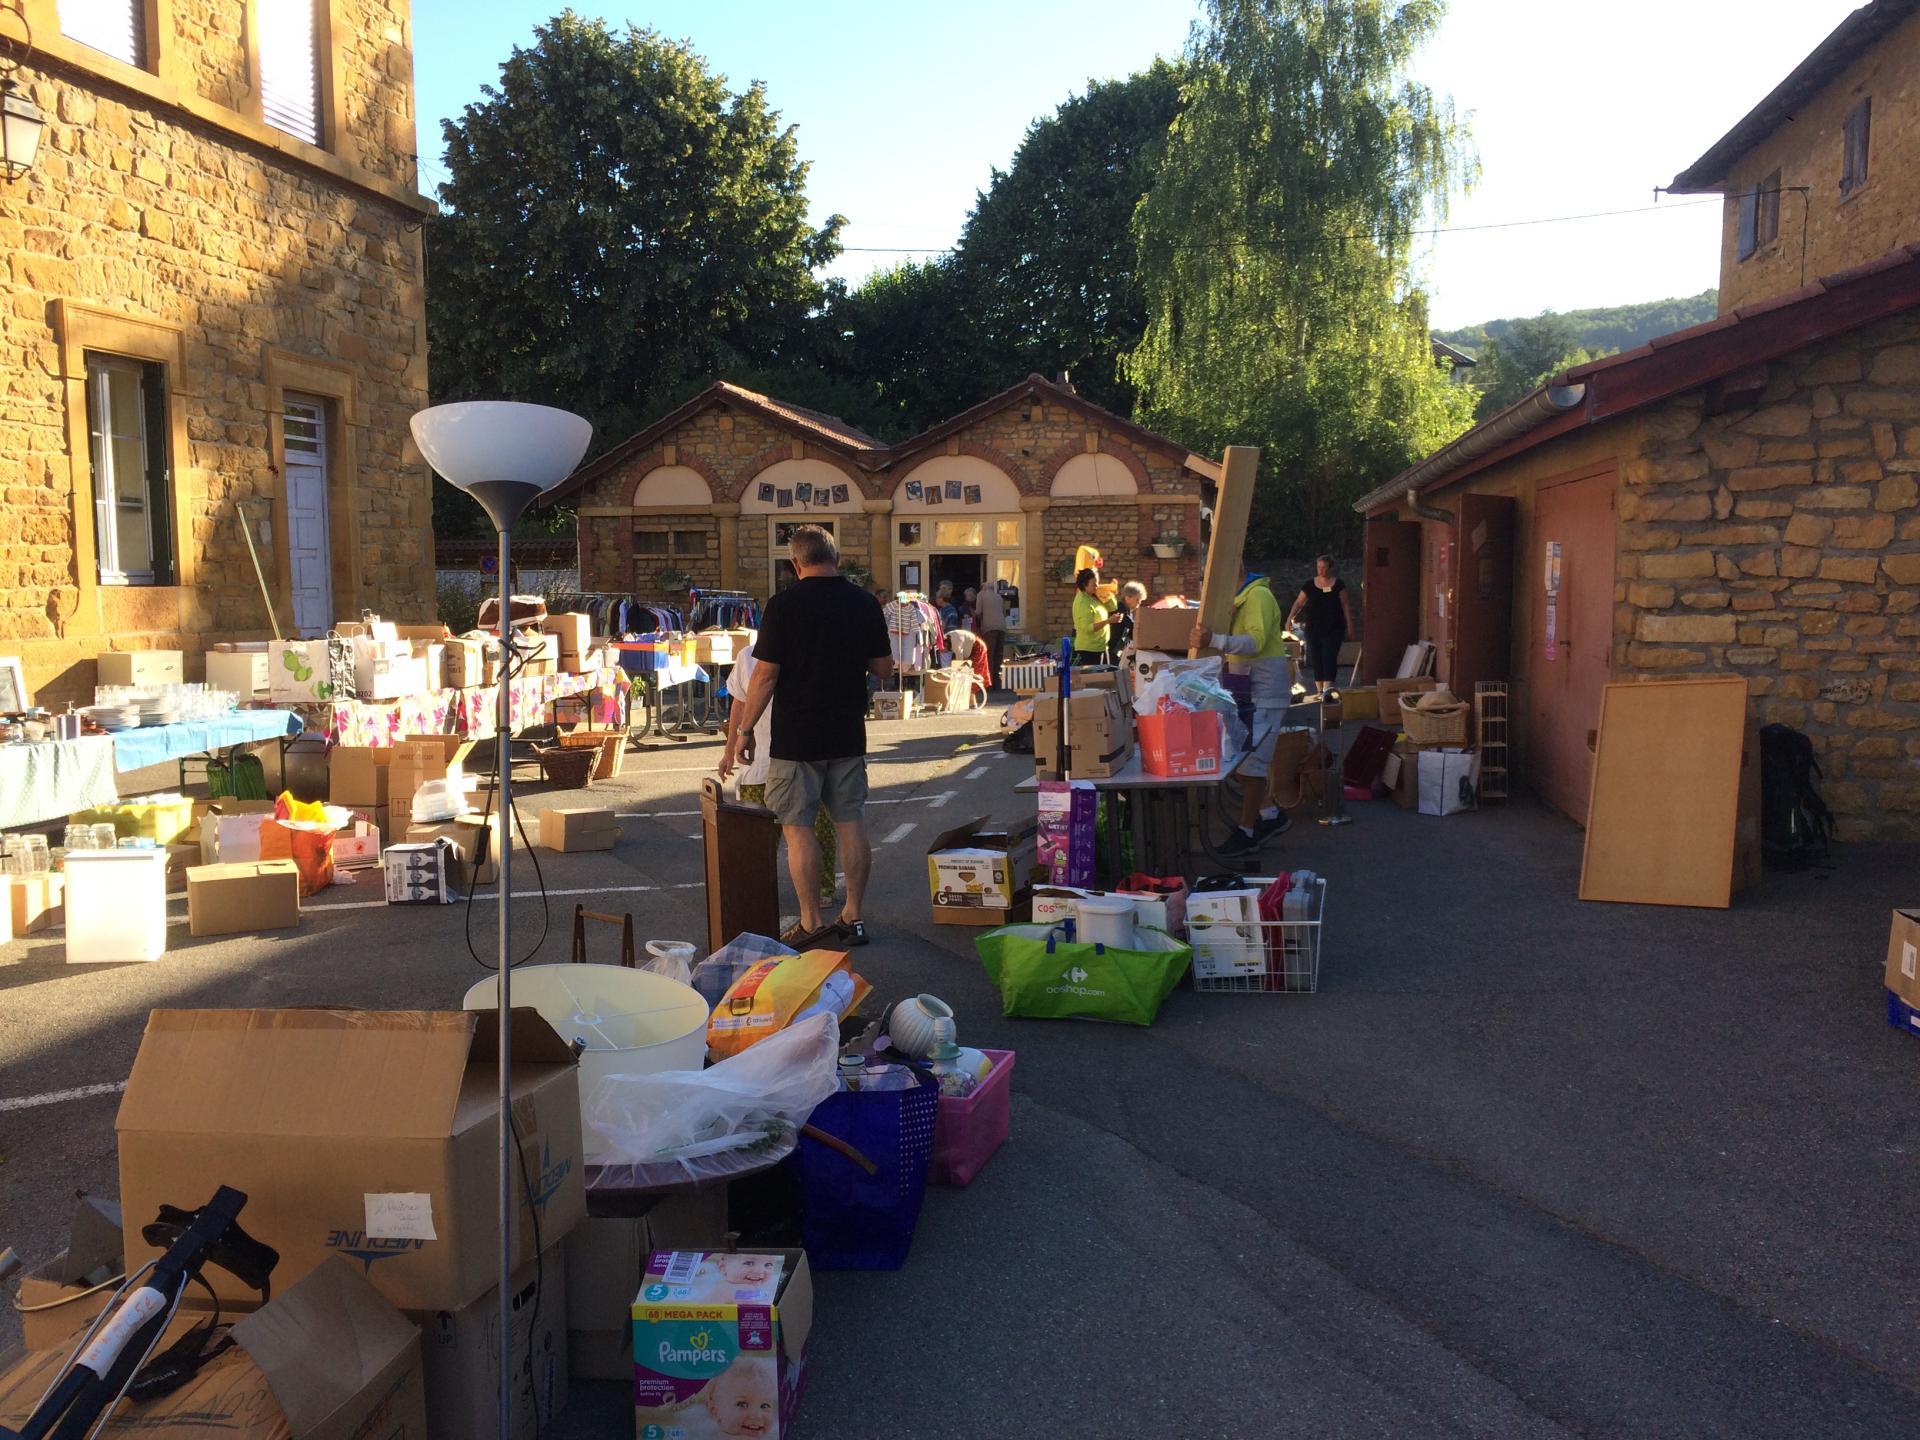 La place se remplit d'objets à recycler!